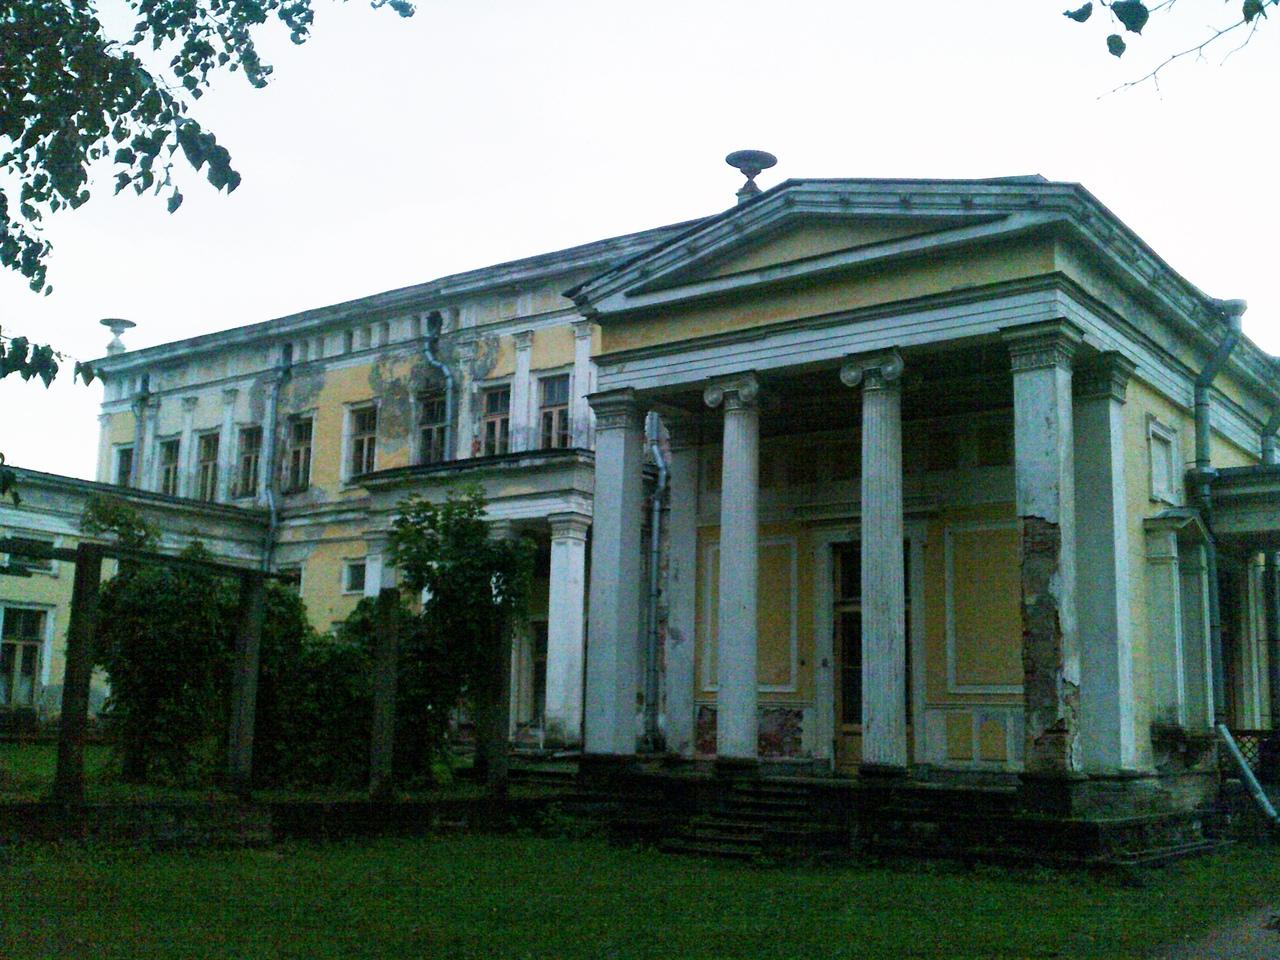 Дворец герцога Лейхтенбергского в Сергиевке. Как гниет и рассыпается историческое наследие